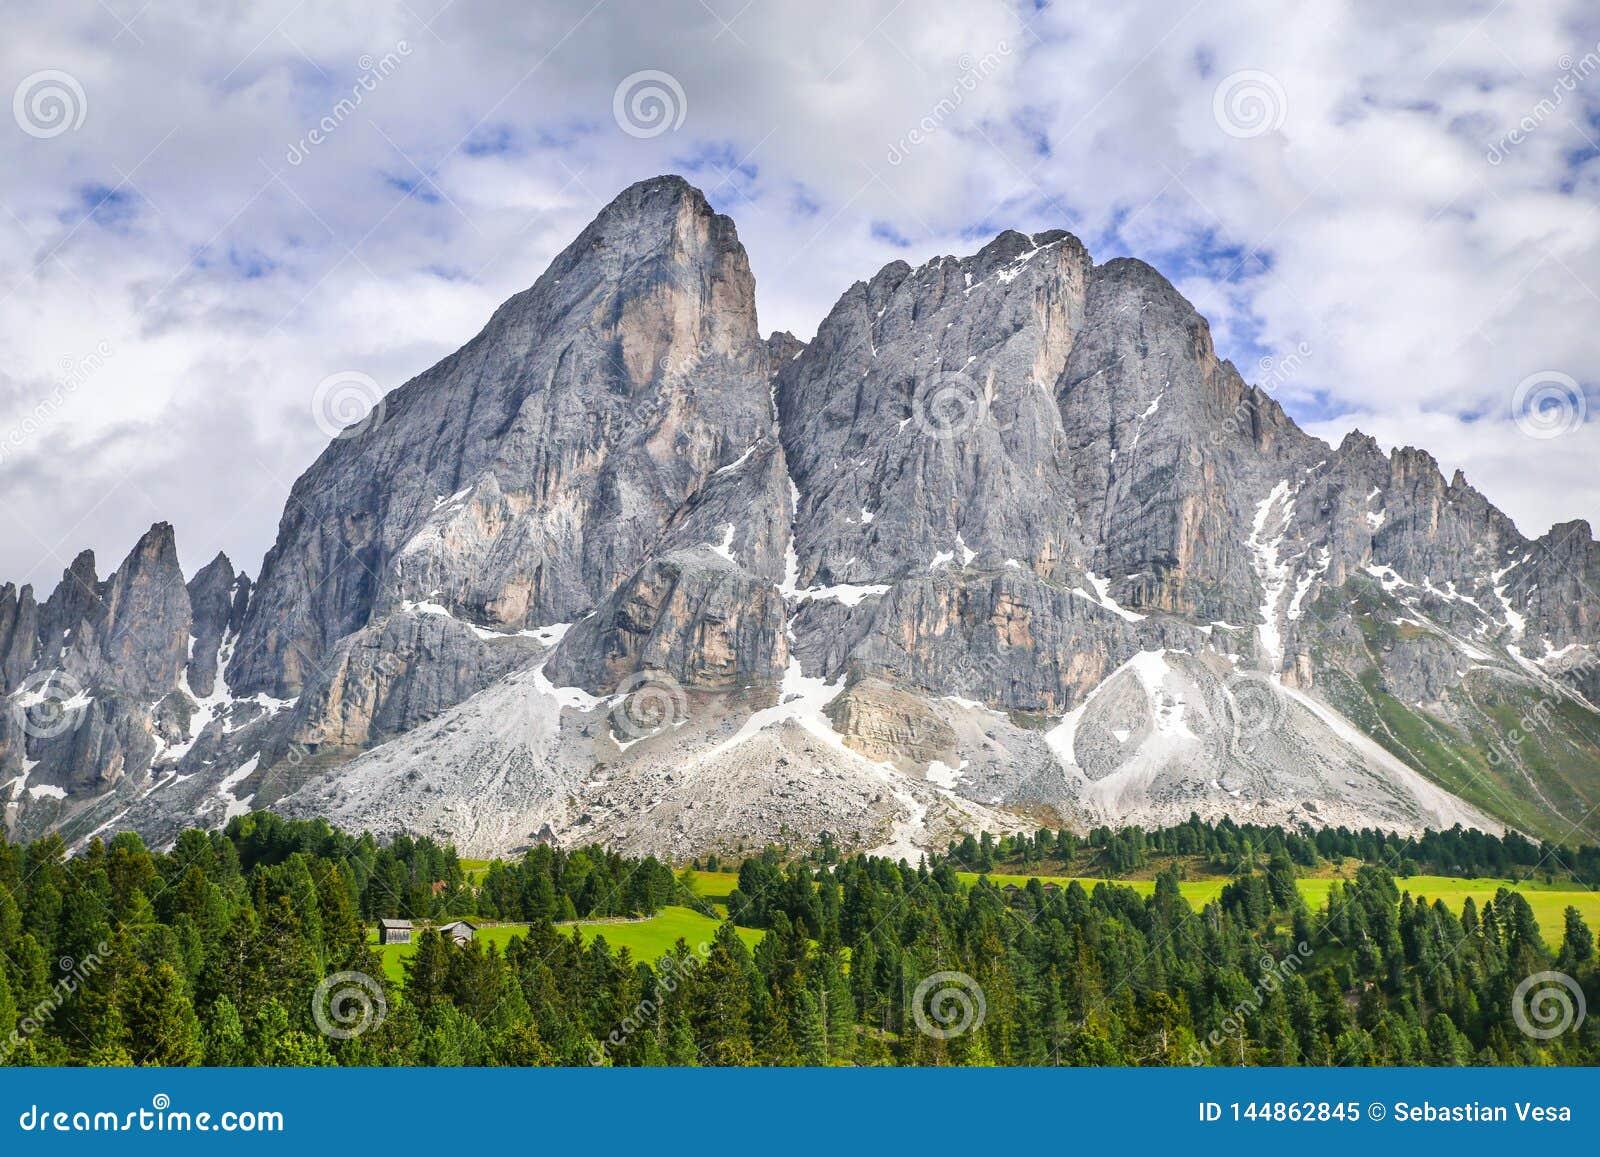 Высокогорный ландшафт со скалистыми горами в доломитах